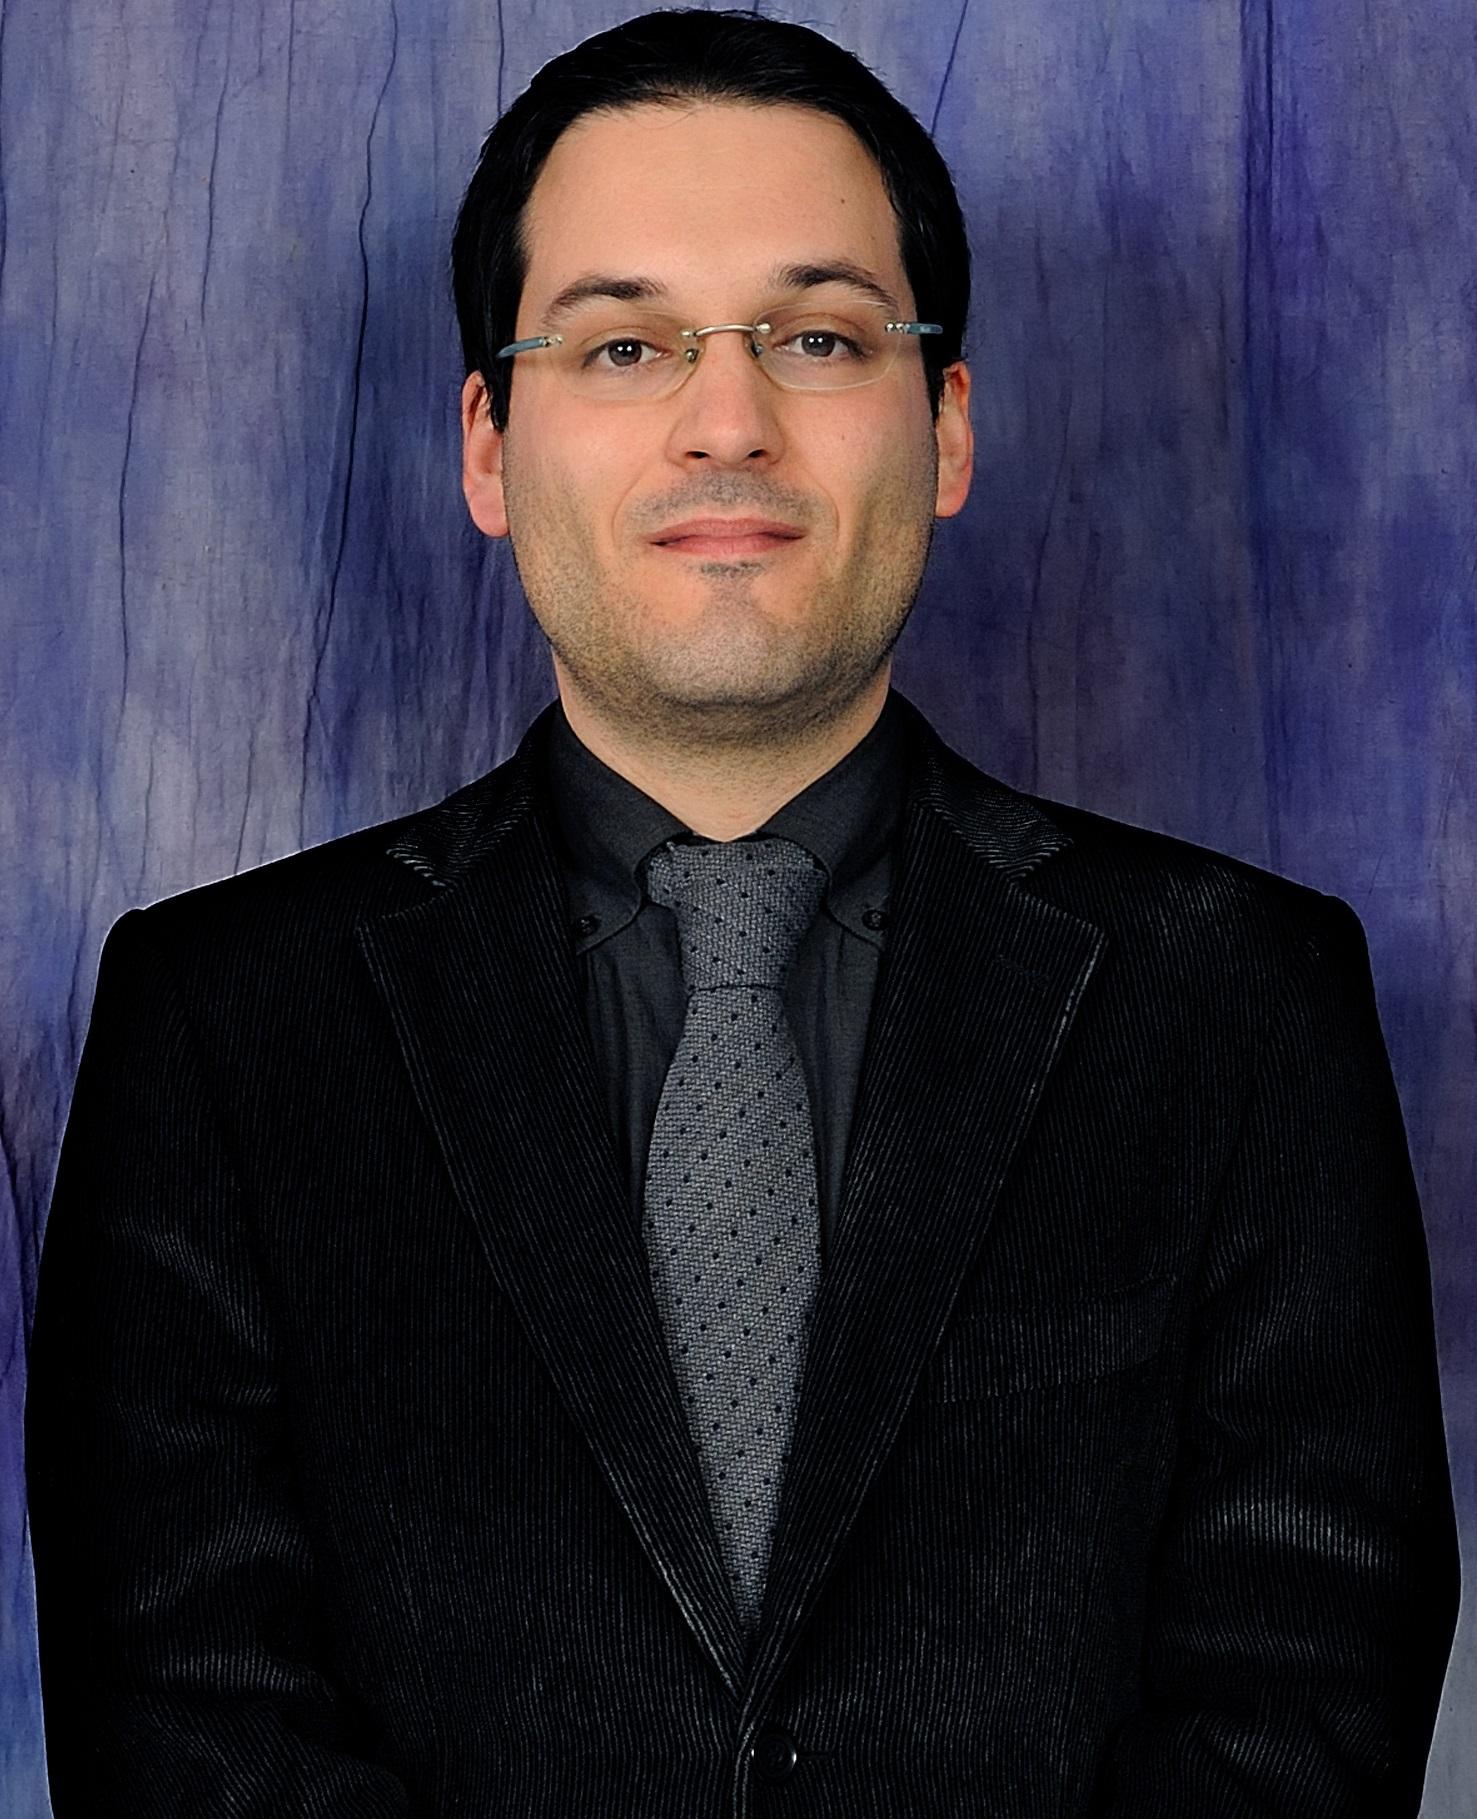 Vito Lipari